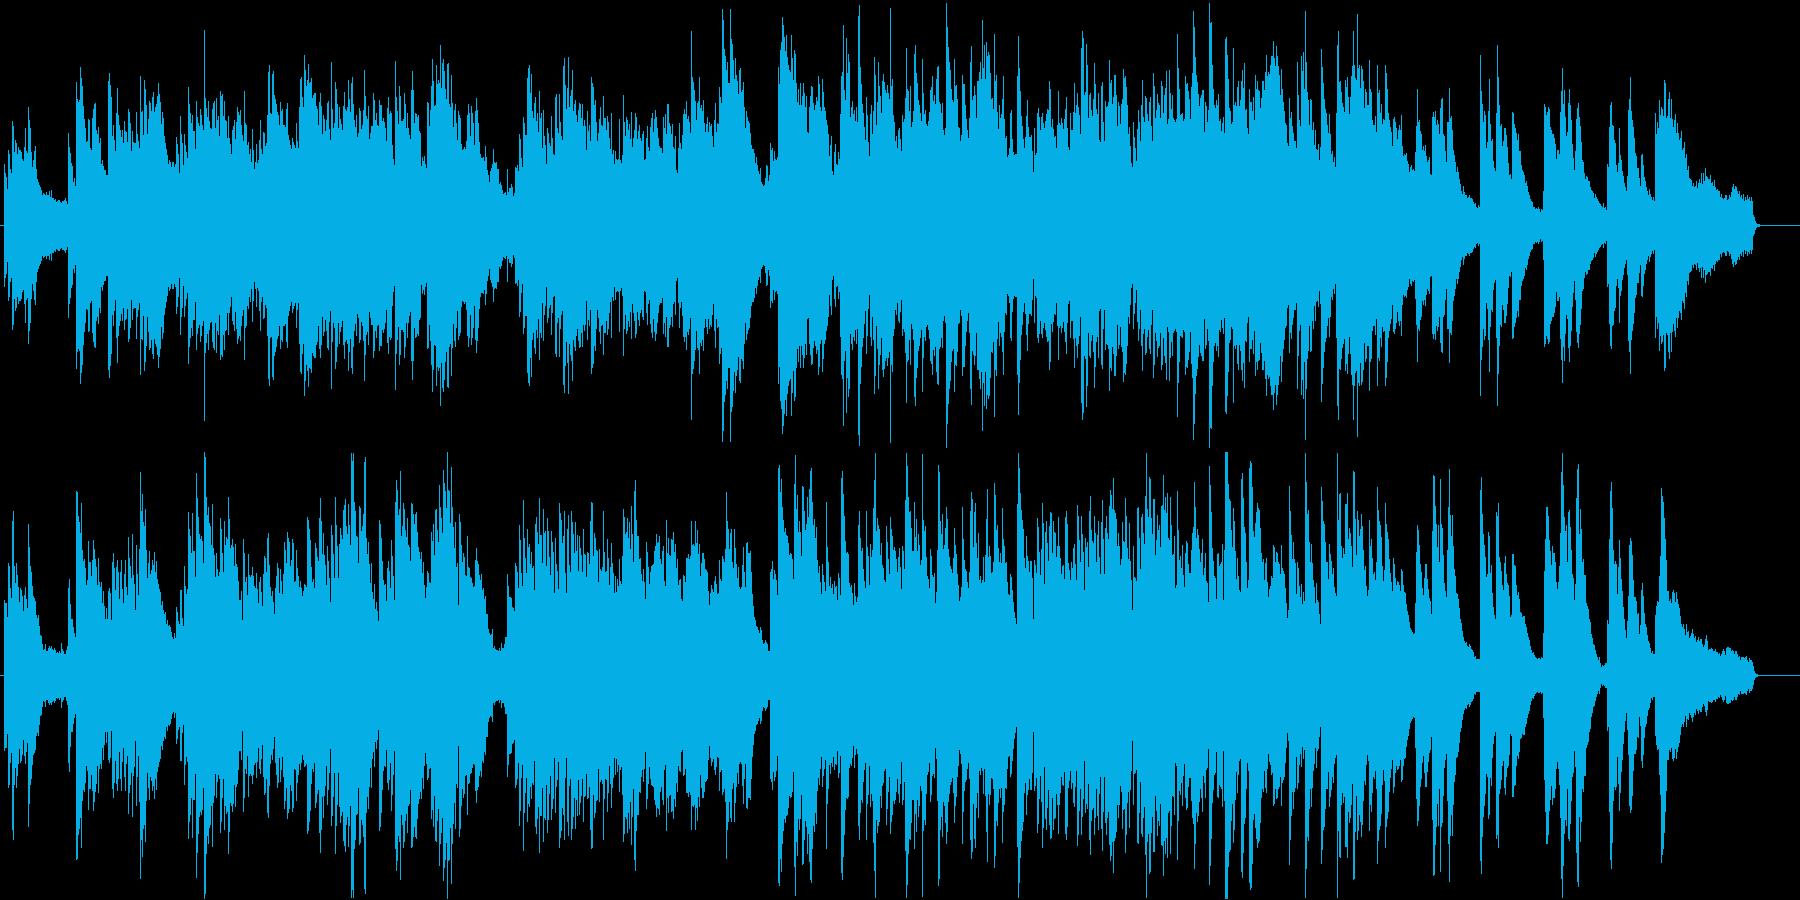 冬の雰囲気のする切ないピアノ曲の再生済みの波形